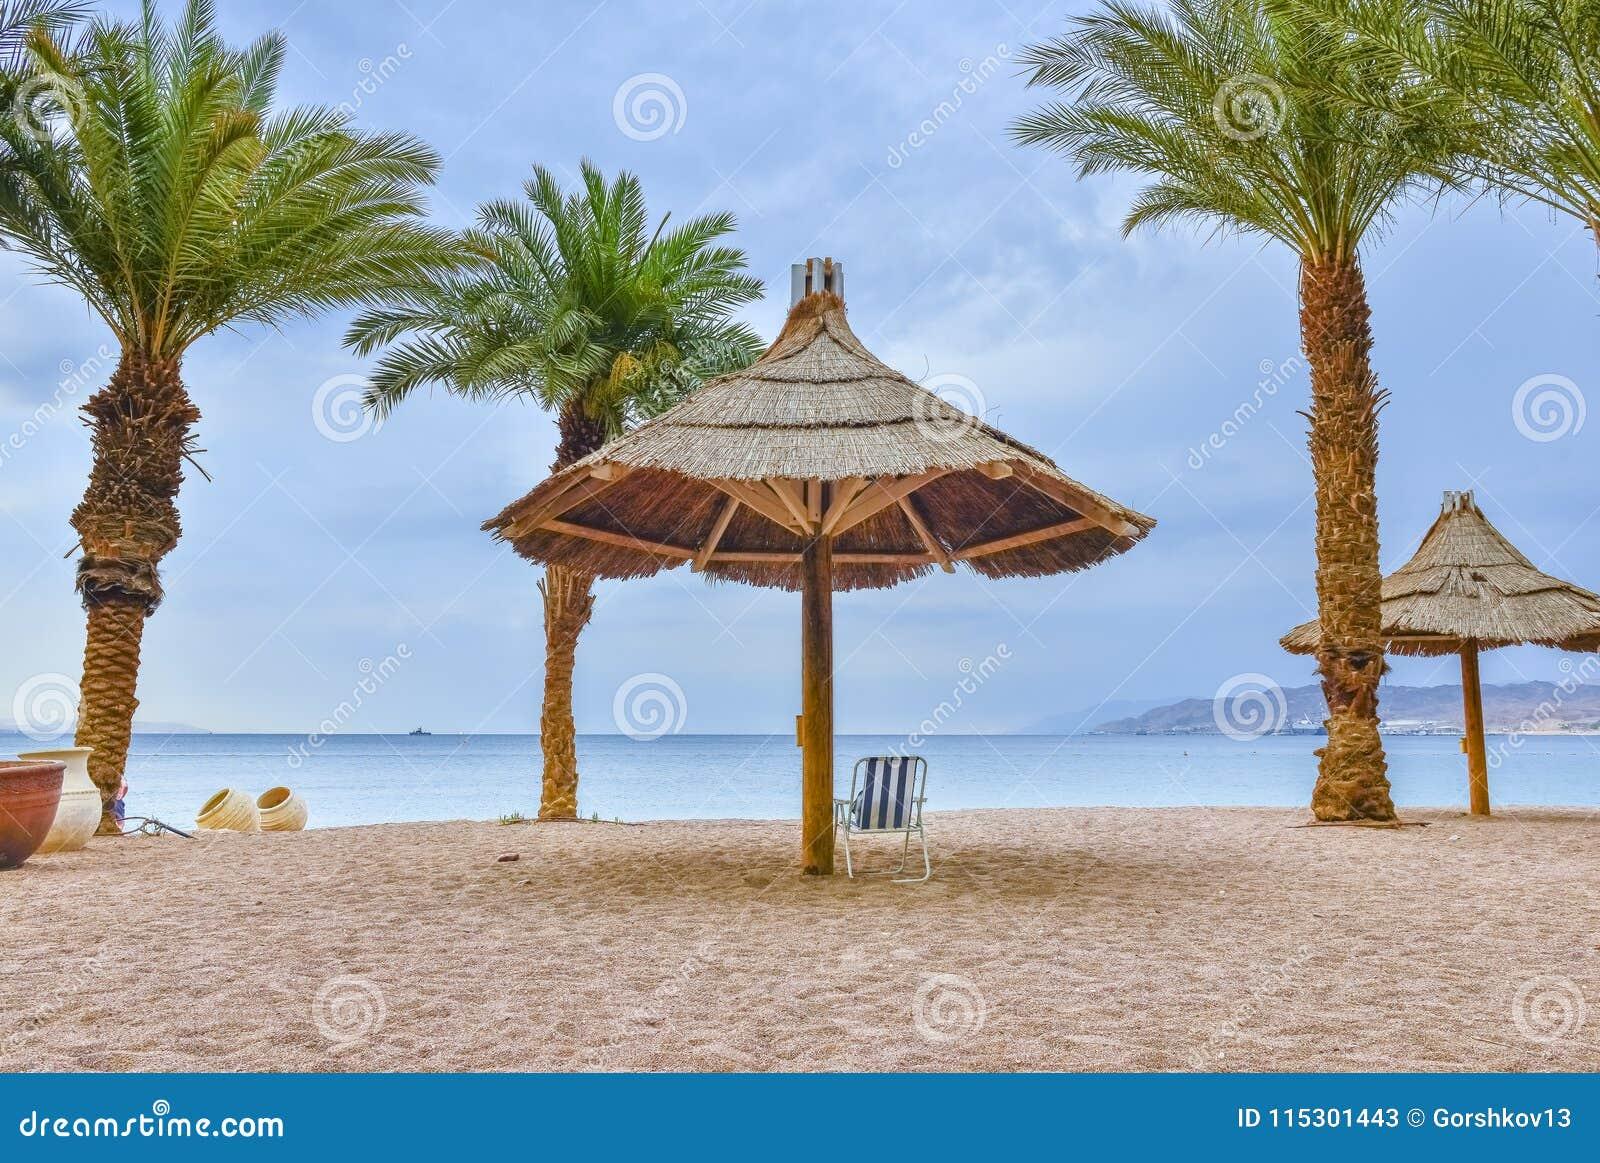 Штормовая погода на заливе Eilat - известного курортного города в Израиле